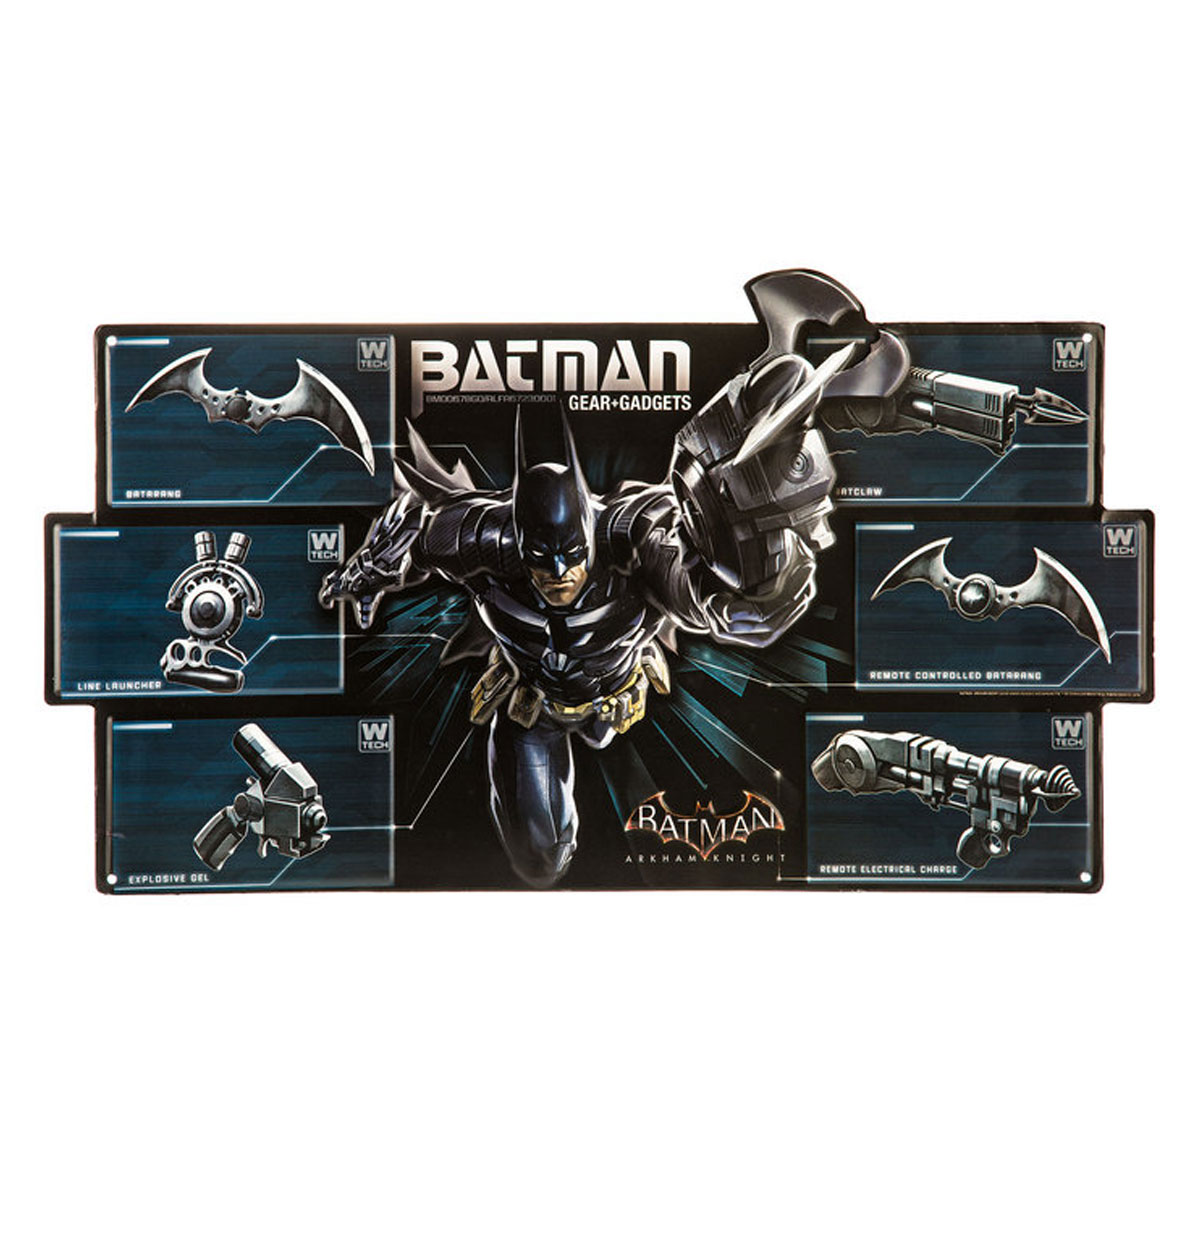 Batman Gear & Gadgets Metalen Bord met Relief